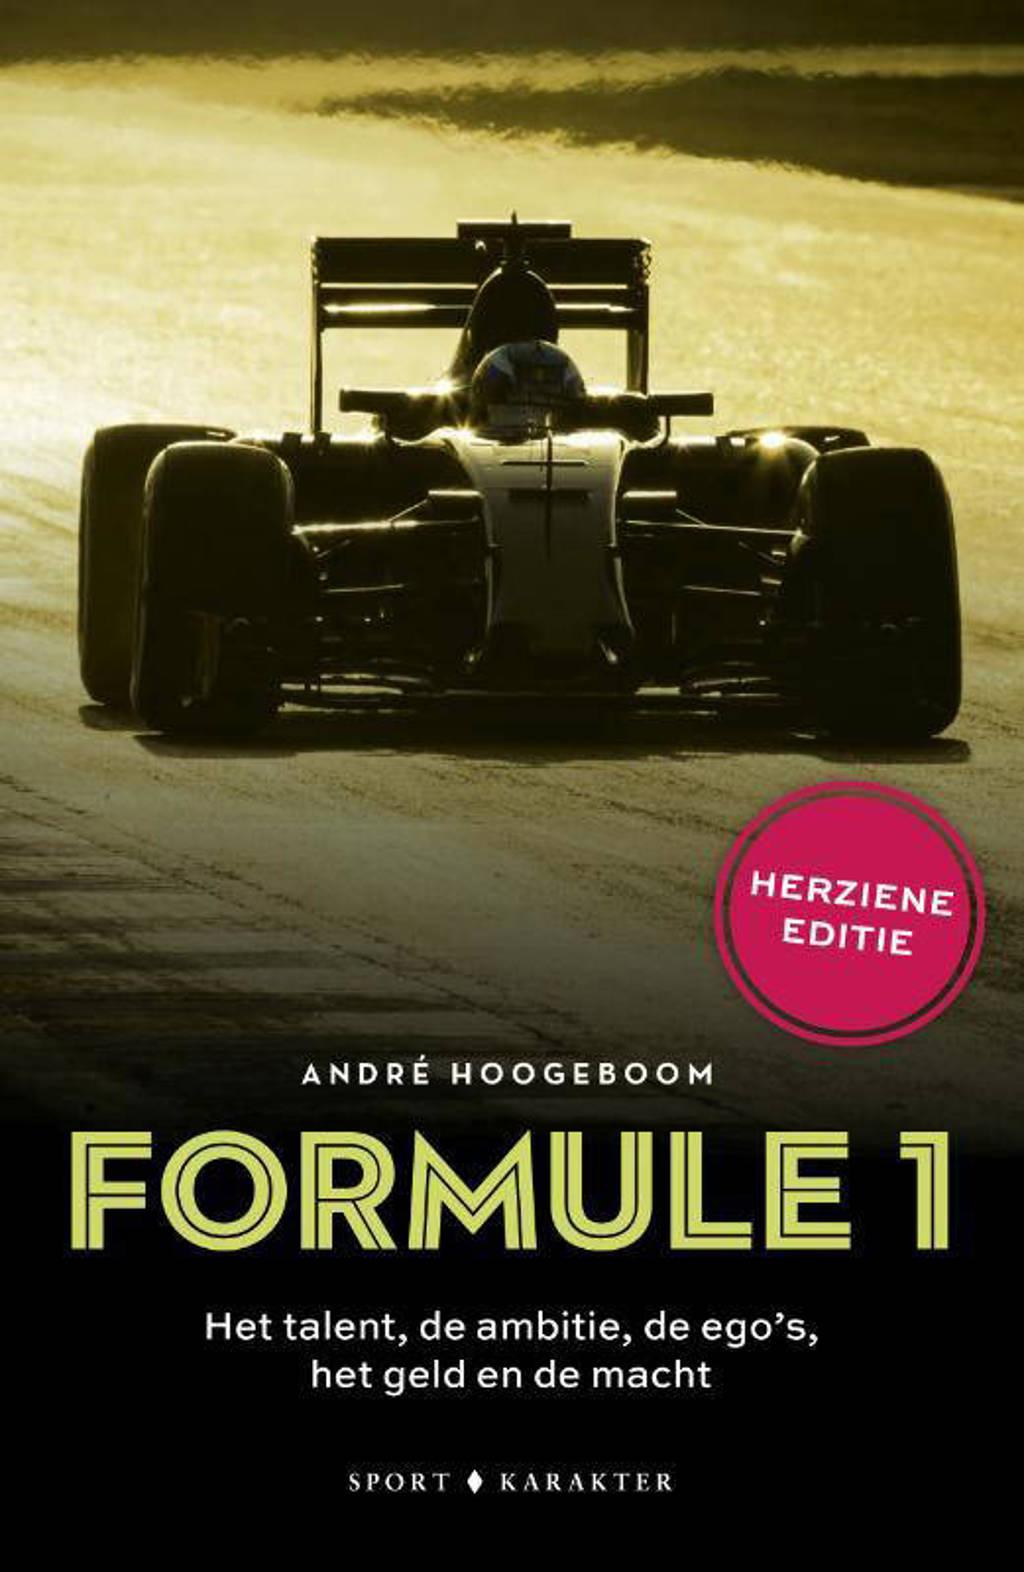 Formule 1 - André Hoogeboom